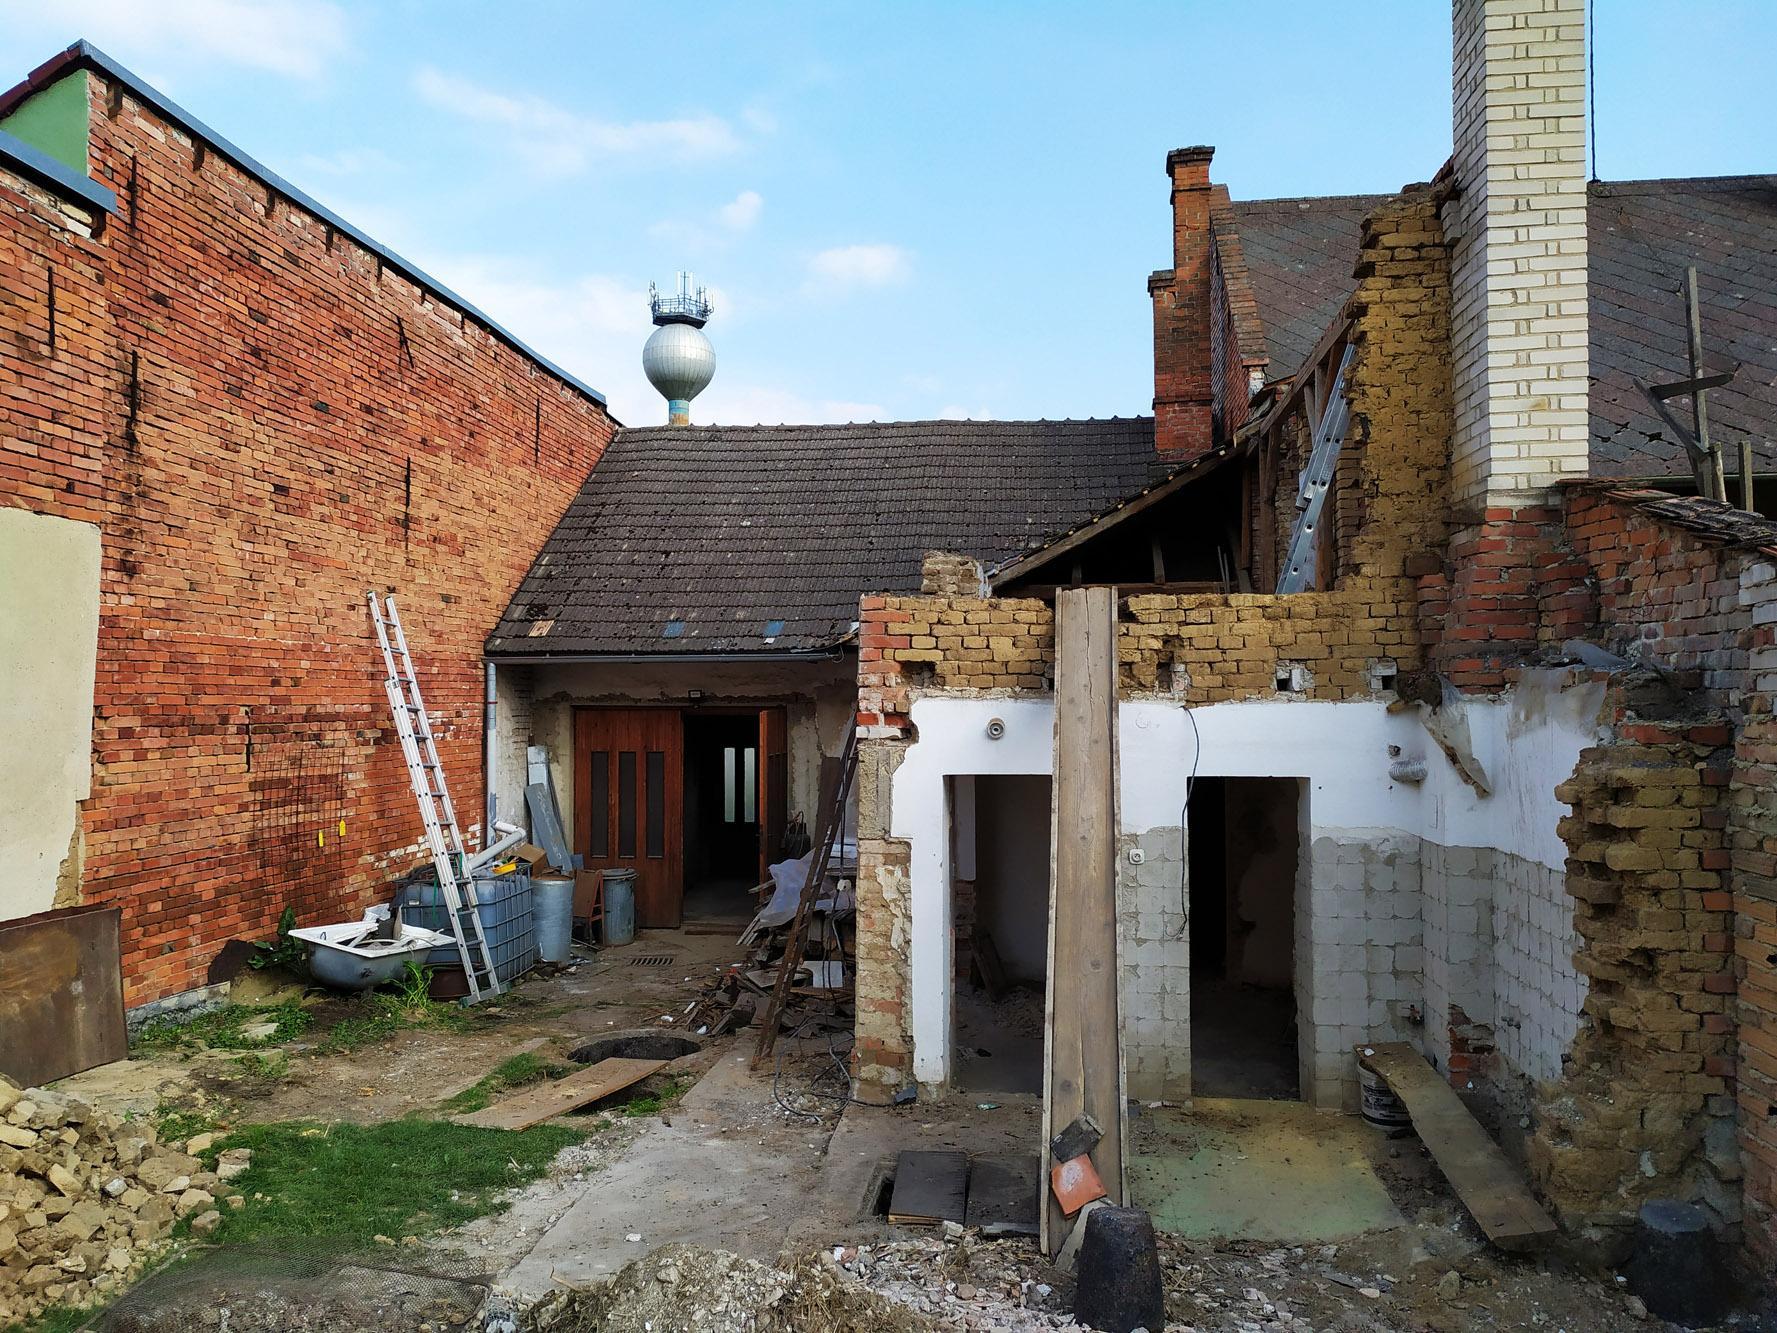 Bourání staré a stavba nové řadovky - Obrázek č. 28